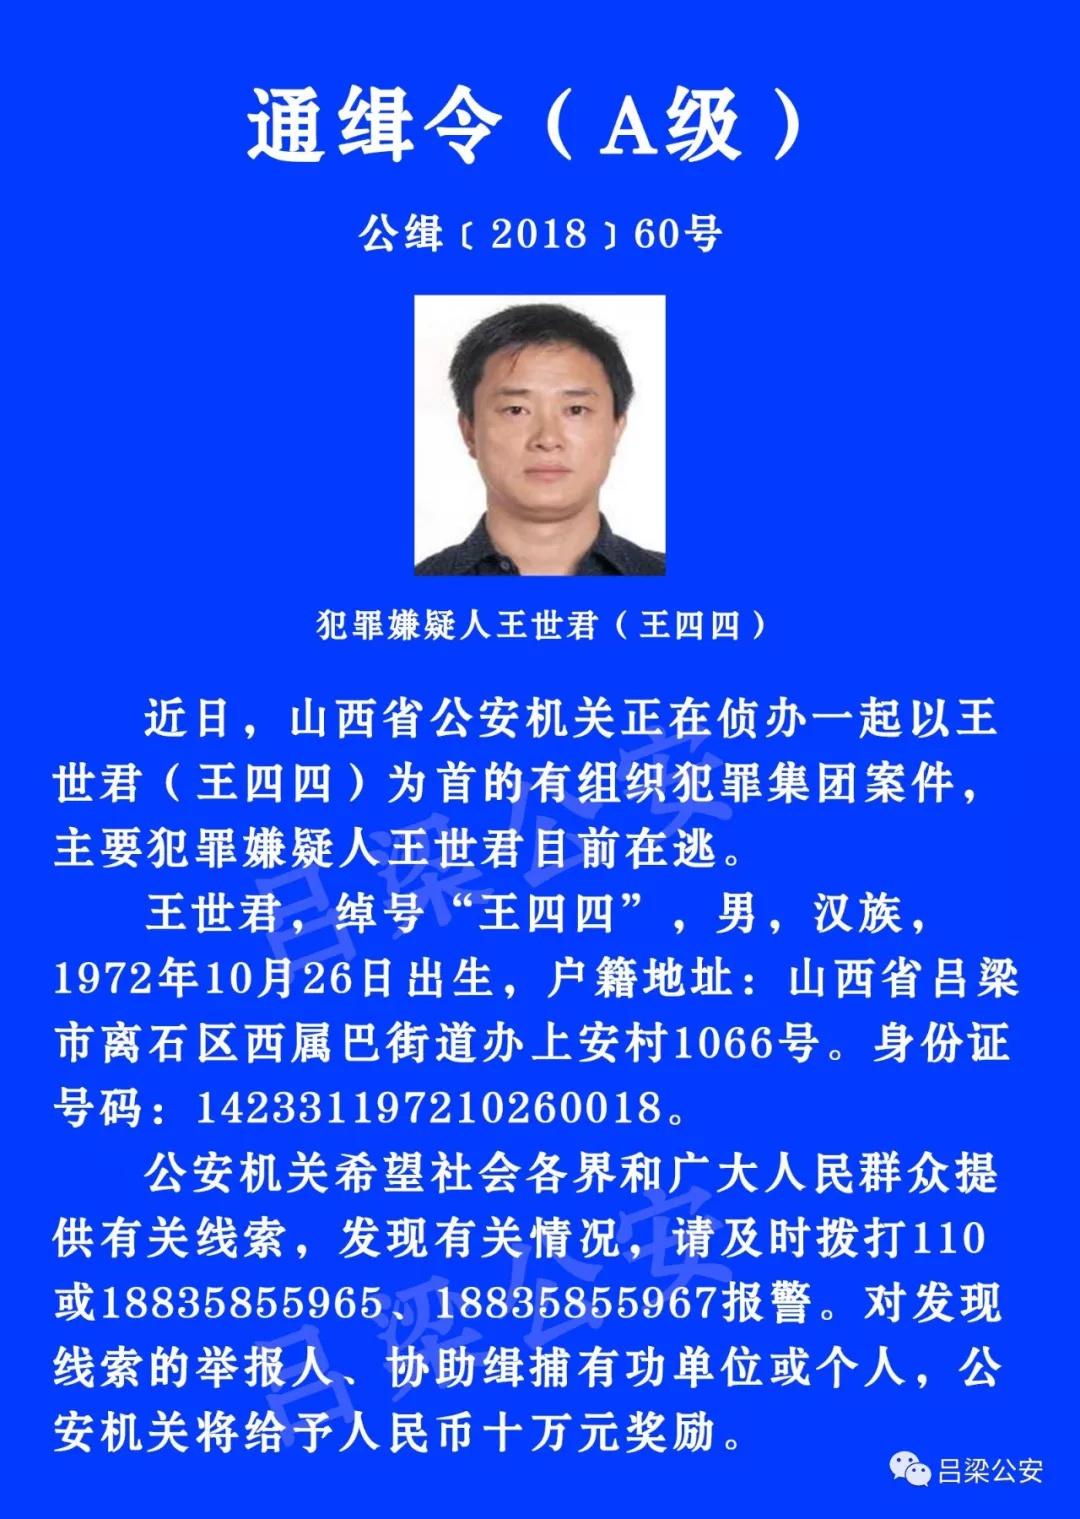 犯了什么罪?公安部通缉王世君:悬赏10万元 发现立即报警!